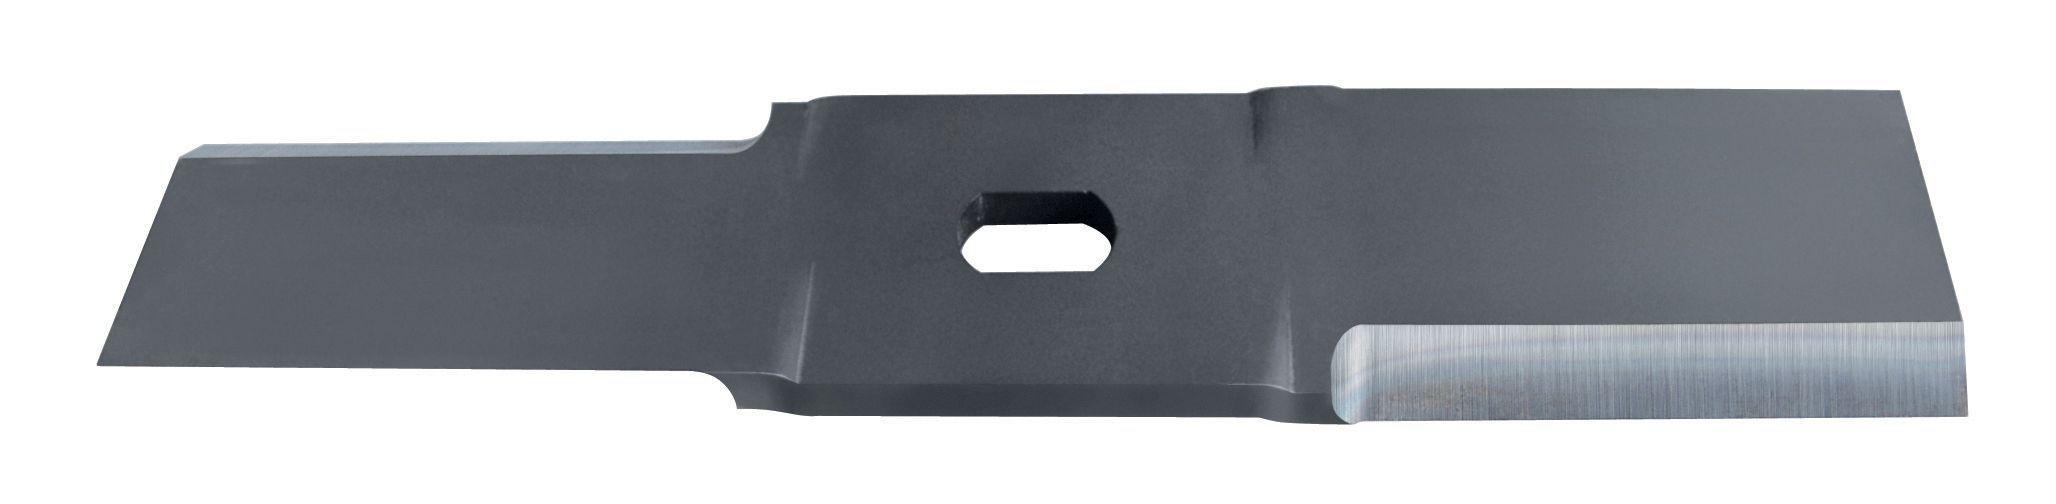 Bosch Axt 305 Steel Shredder Blade